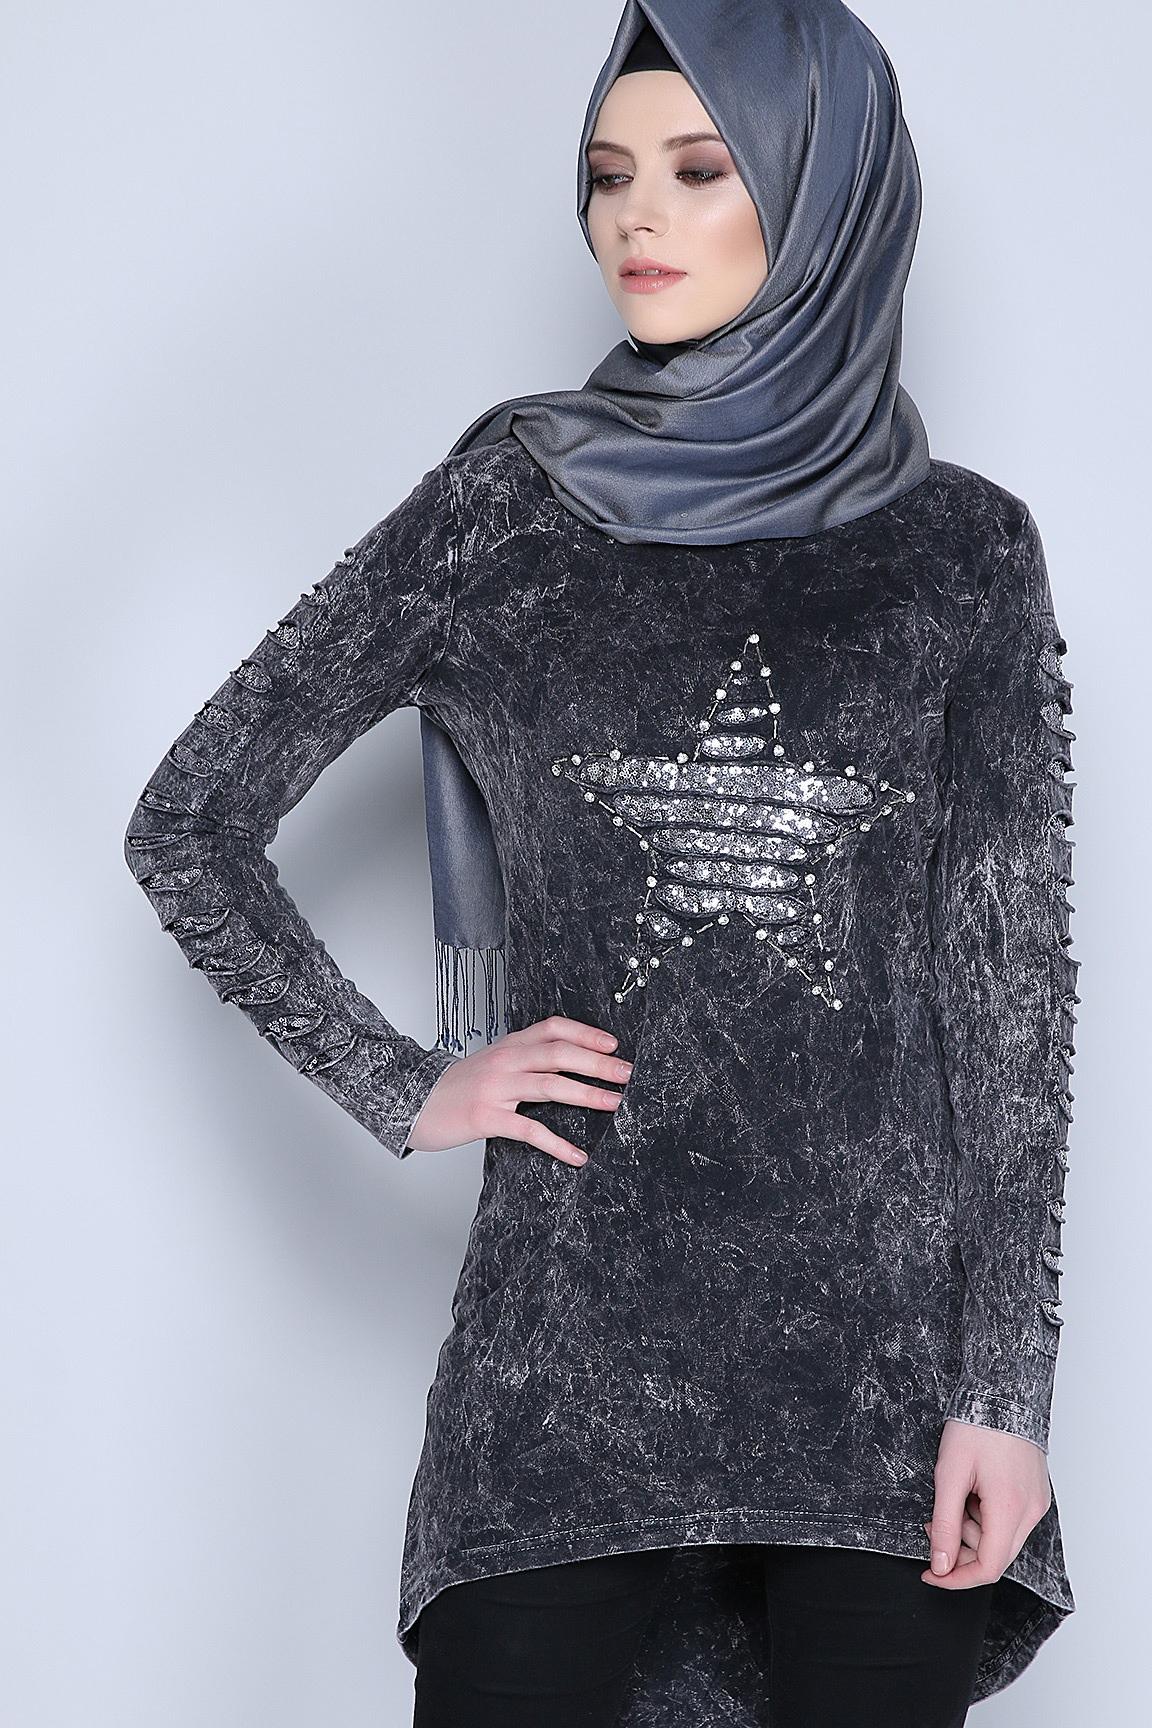 بالصور ملابس شتوية للمحجبات تركية , اجمل ملابس المحجبات التركيه الشتويه المتينه 831 5